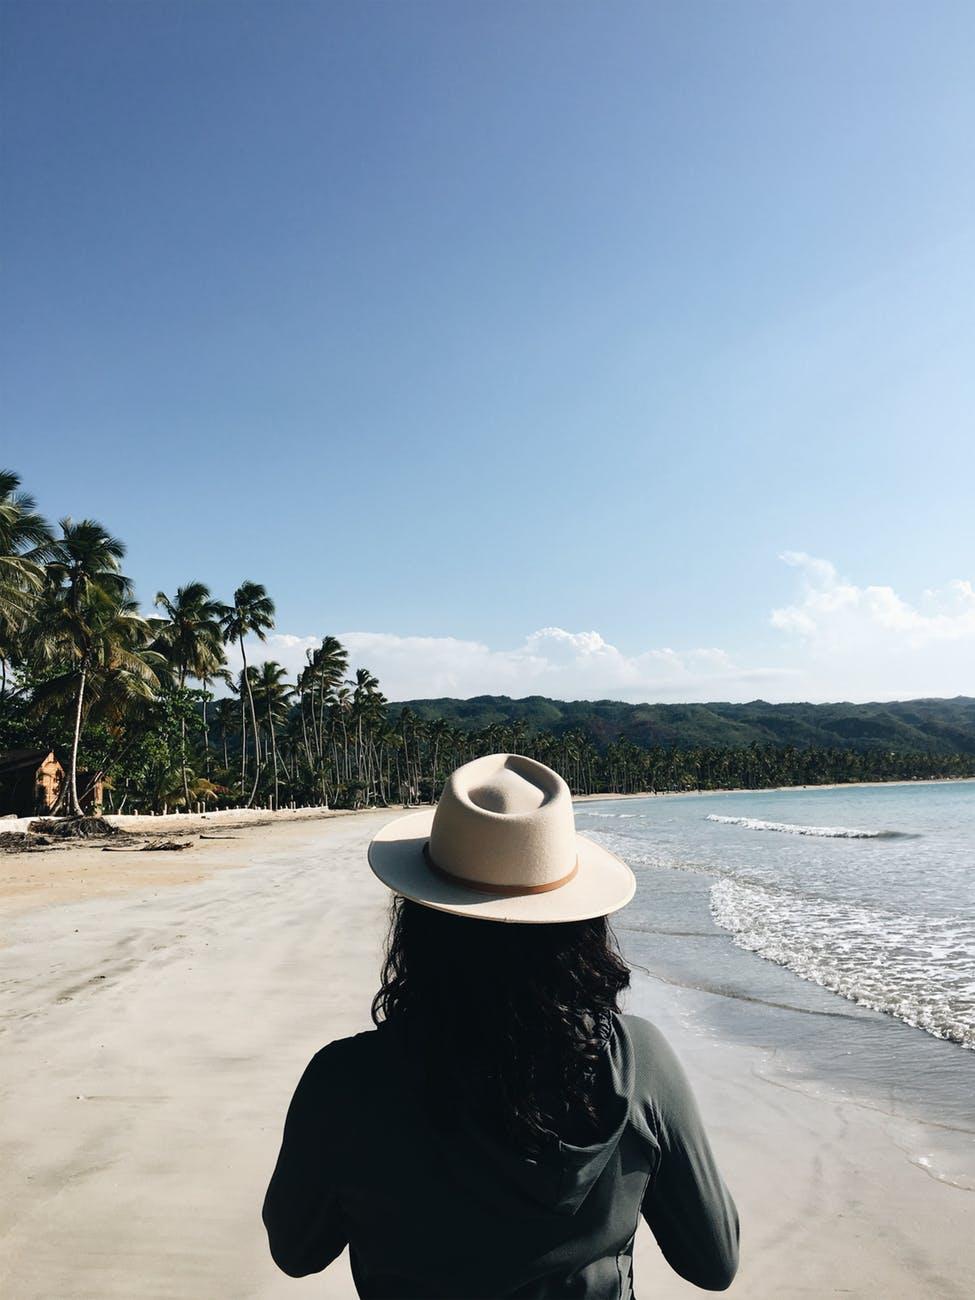 woman wearing gray jacket walking on seashore